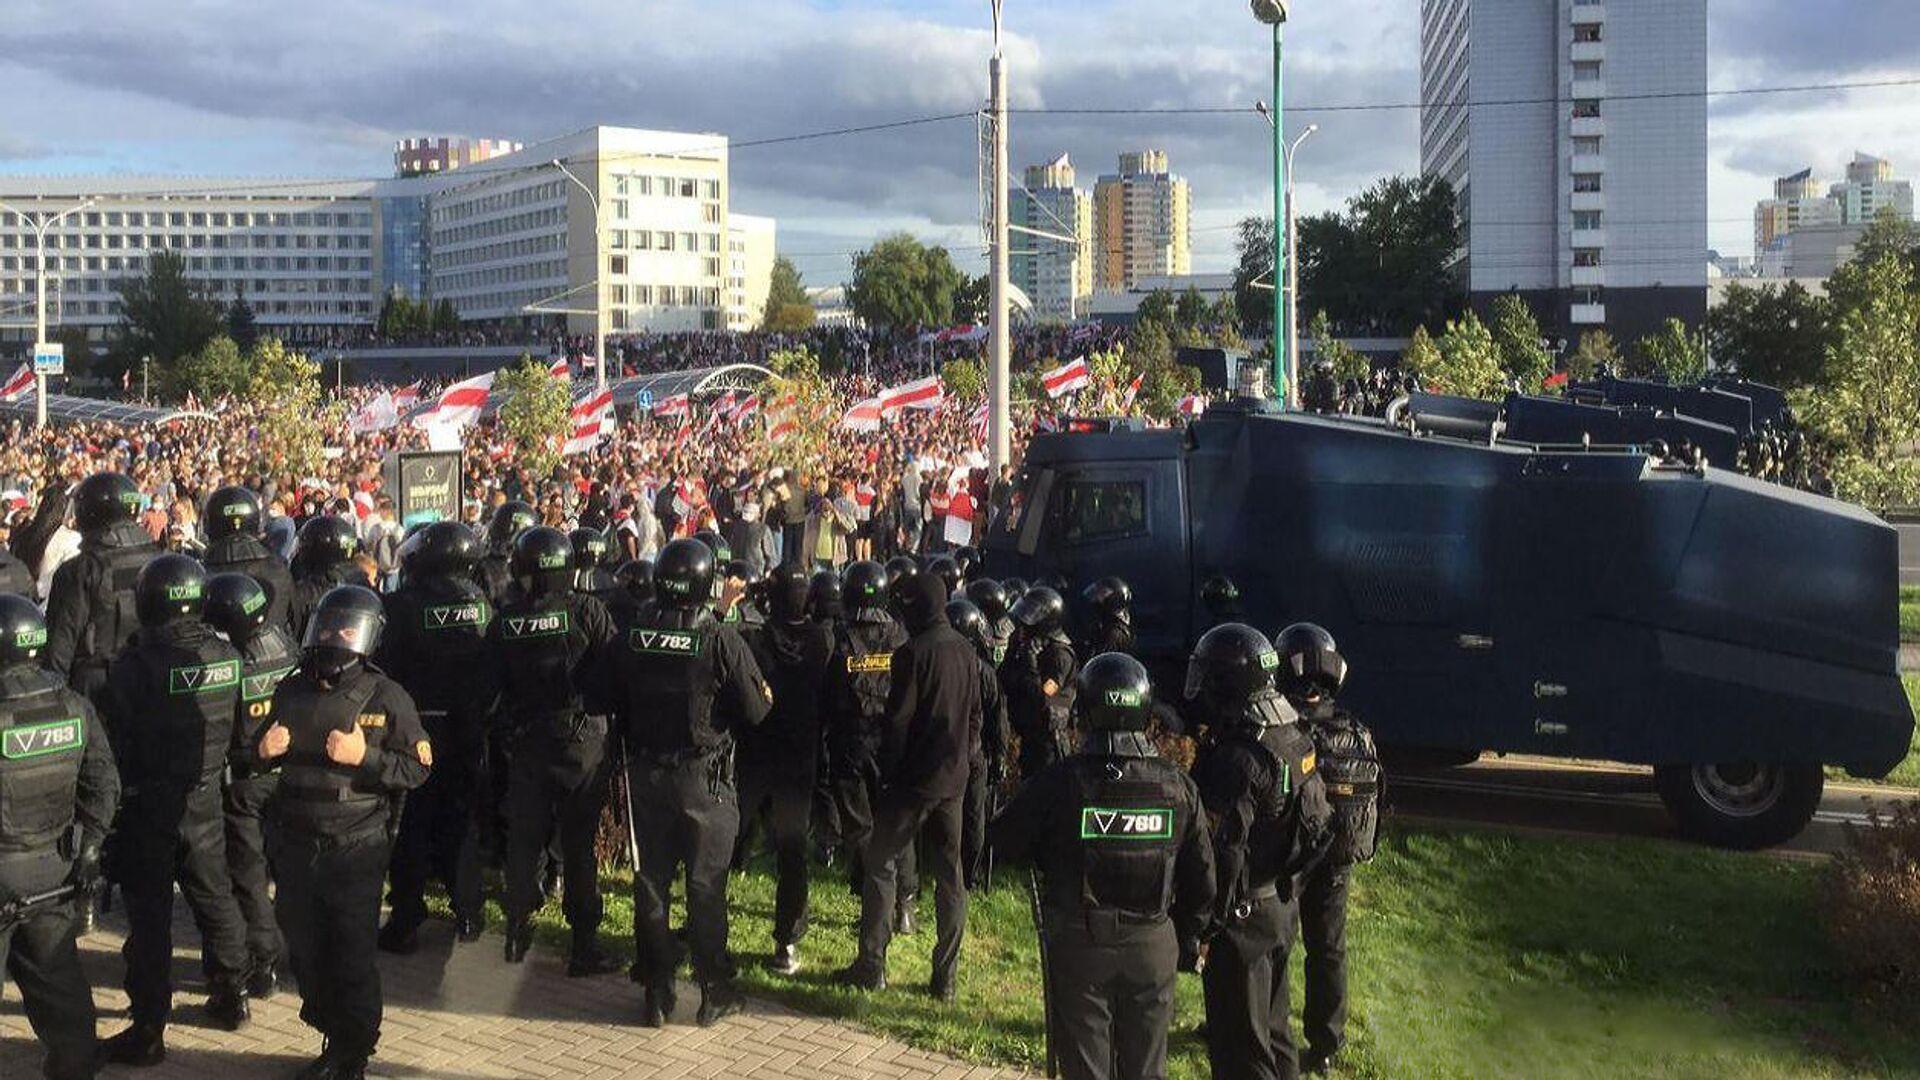 Сотрудники правоохранительных органов и участники акции протеста в Минске - РИА Новости, 1920, 19.09.2020